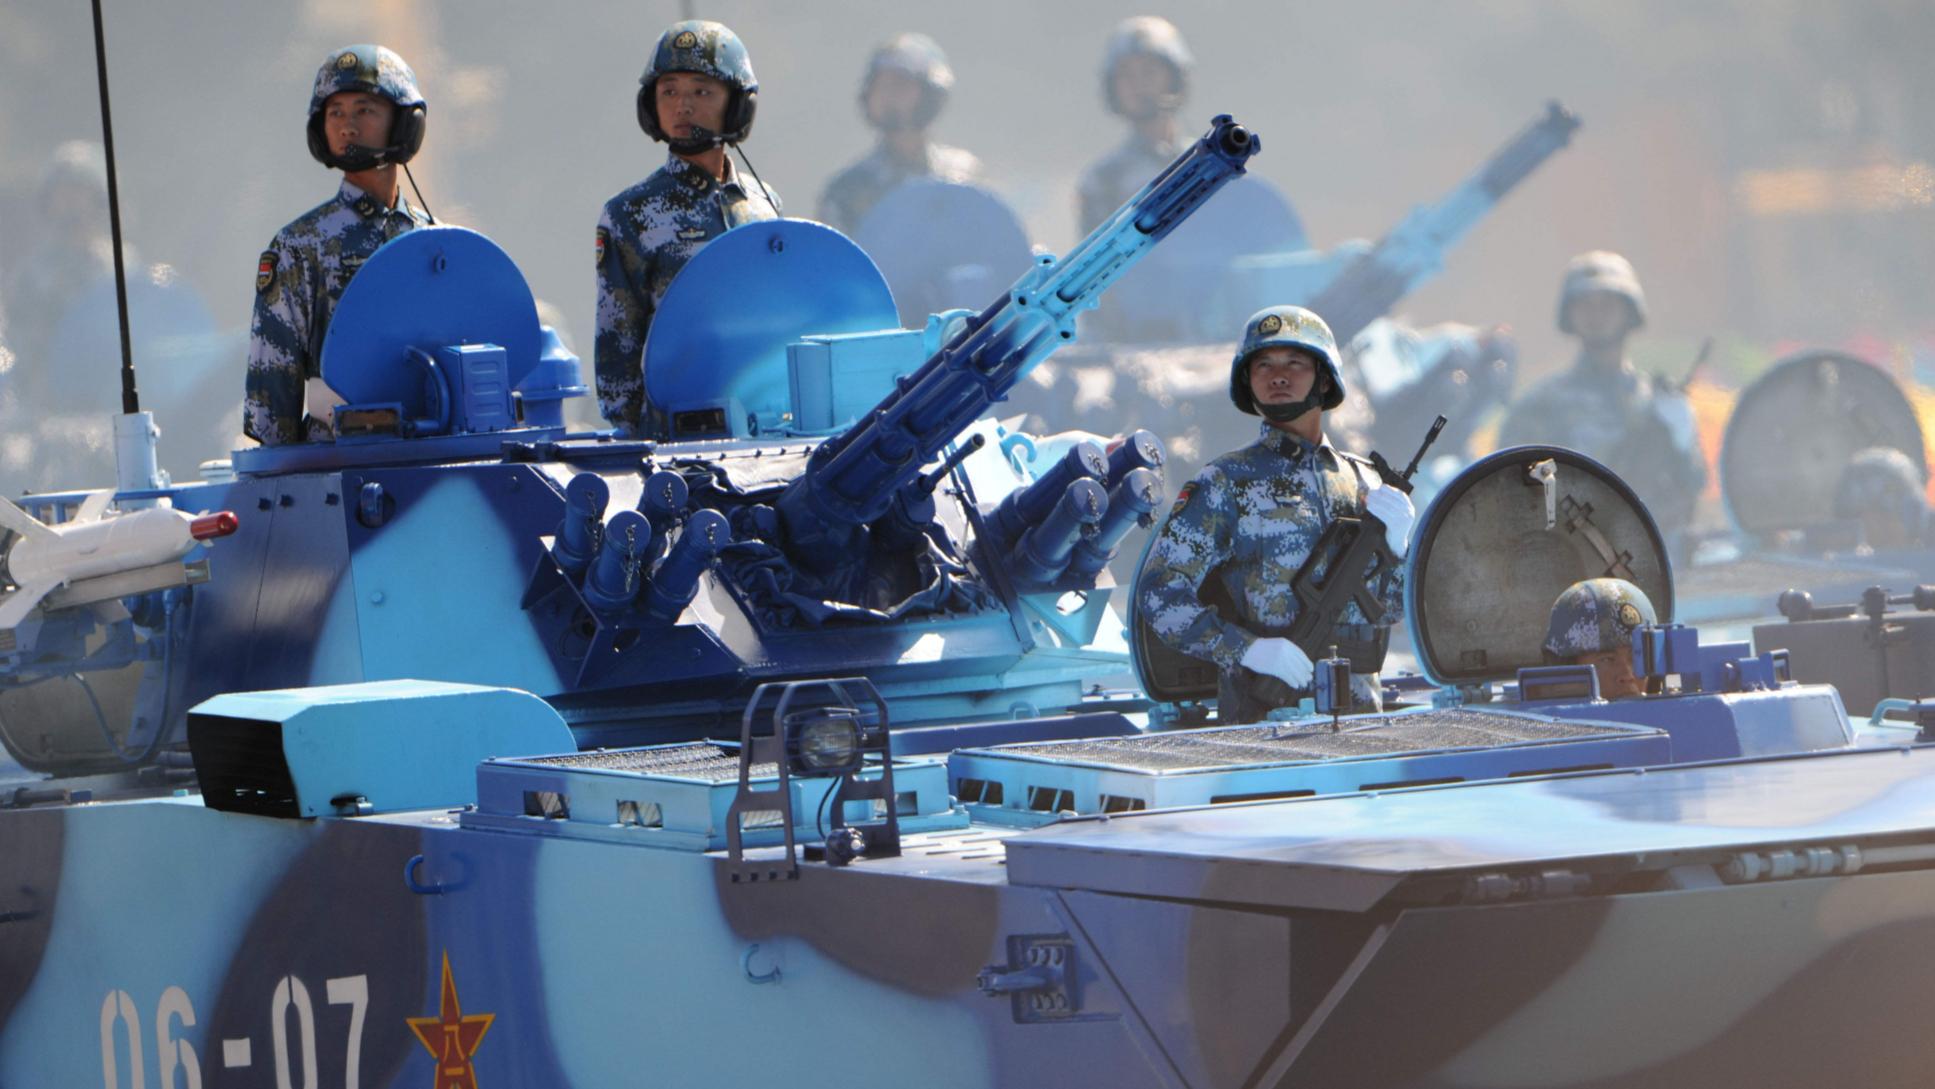 解放军海军陆战队成立40周年,会变成美军一样的独立军种吗?